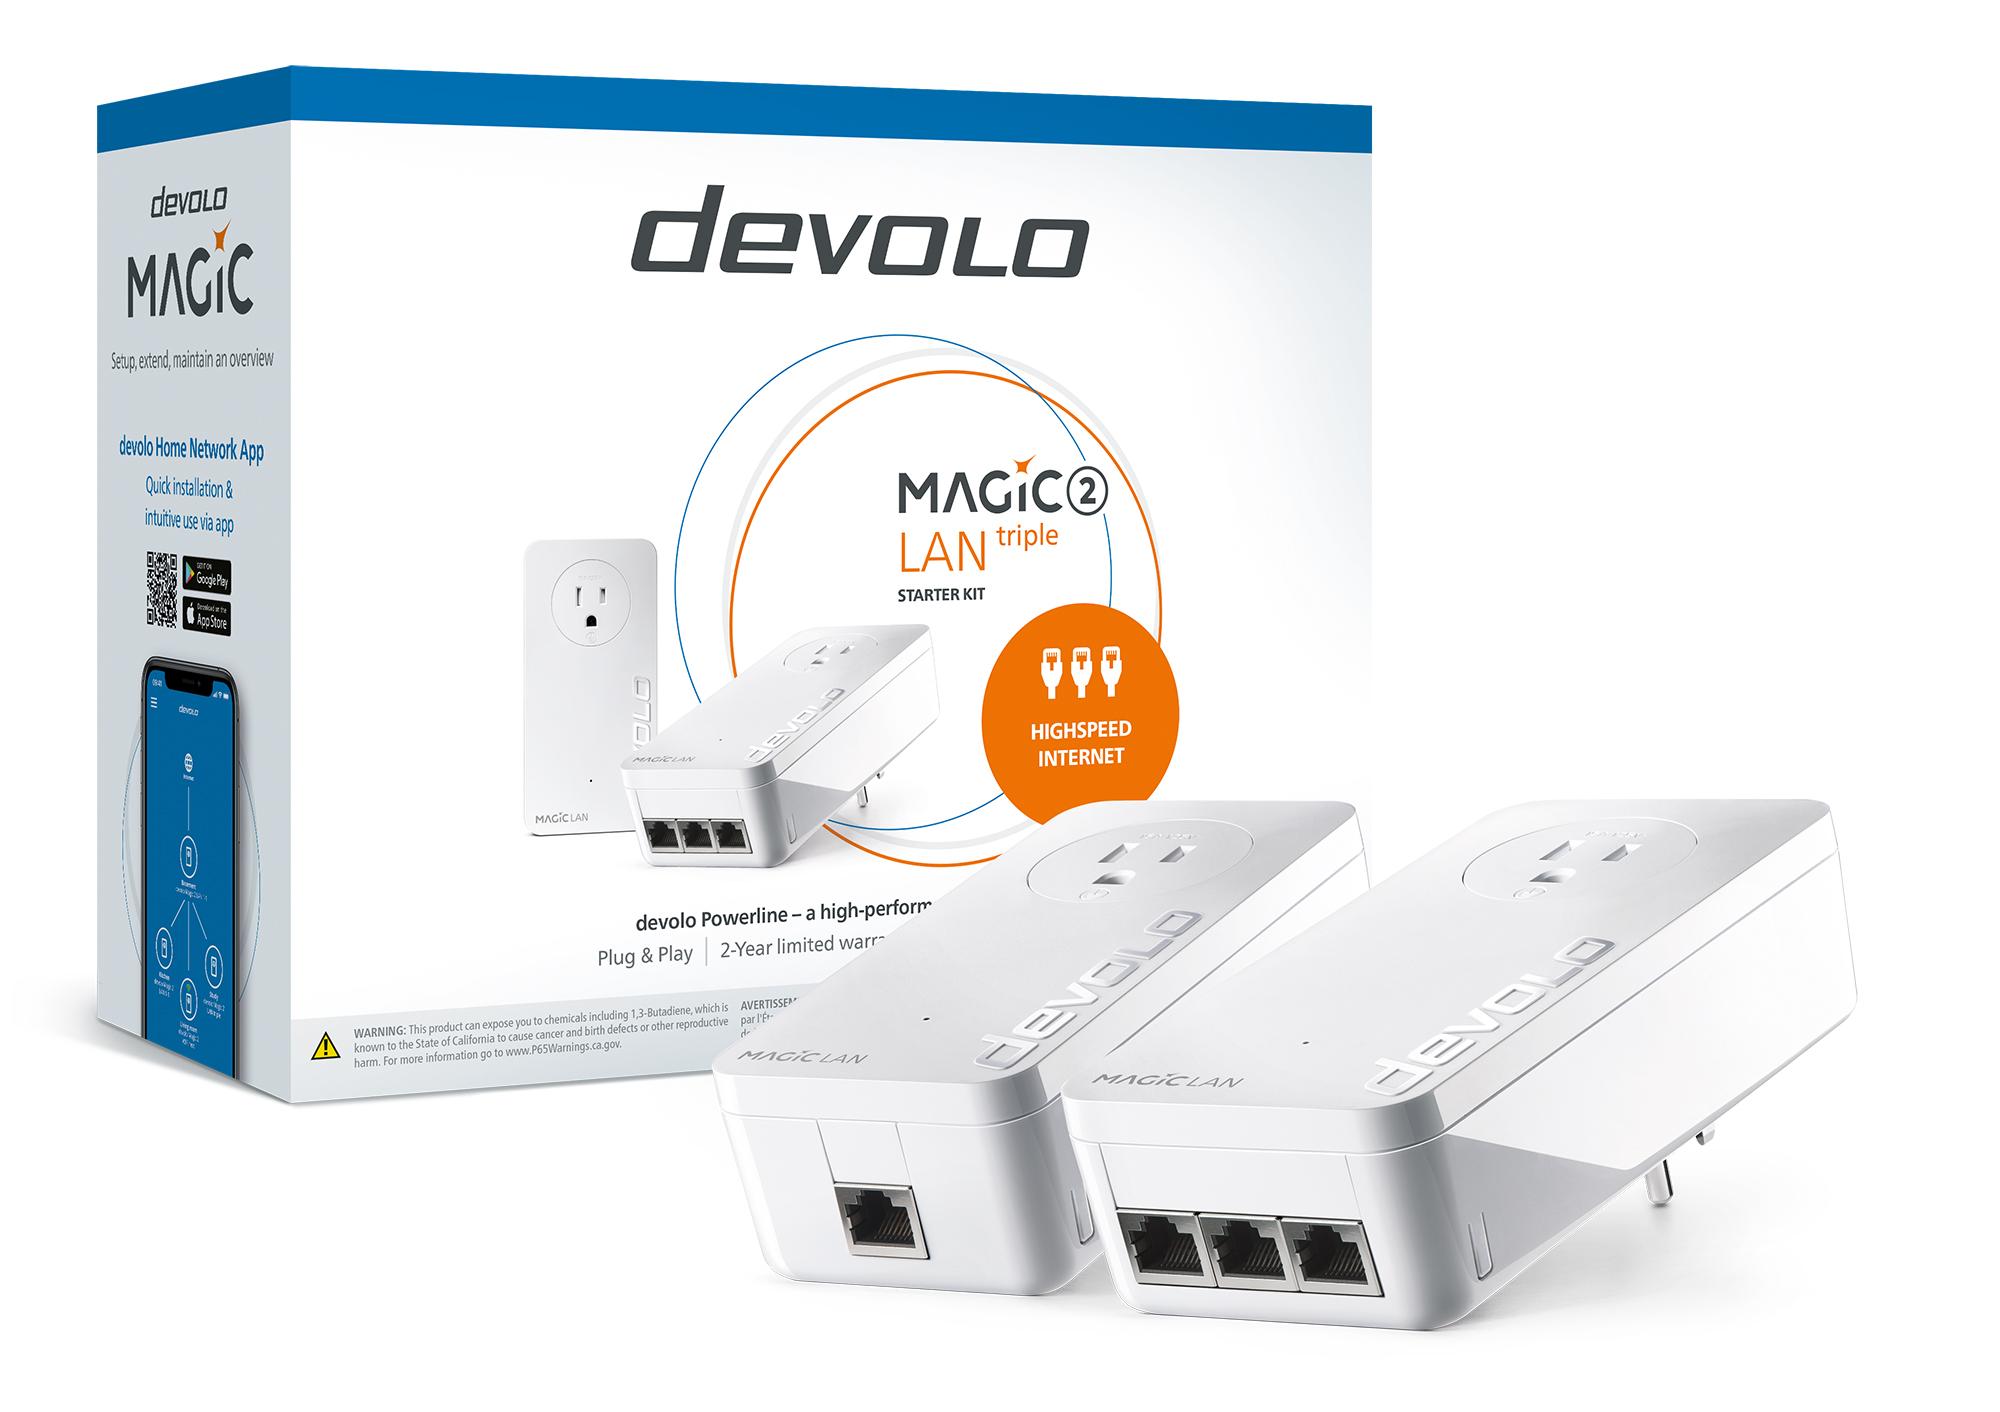 A photo of the devolo Magic 2 LAN triple Starter Kit